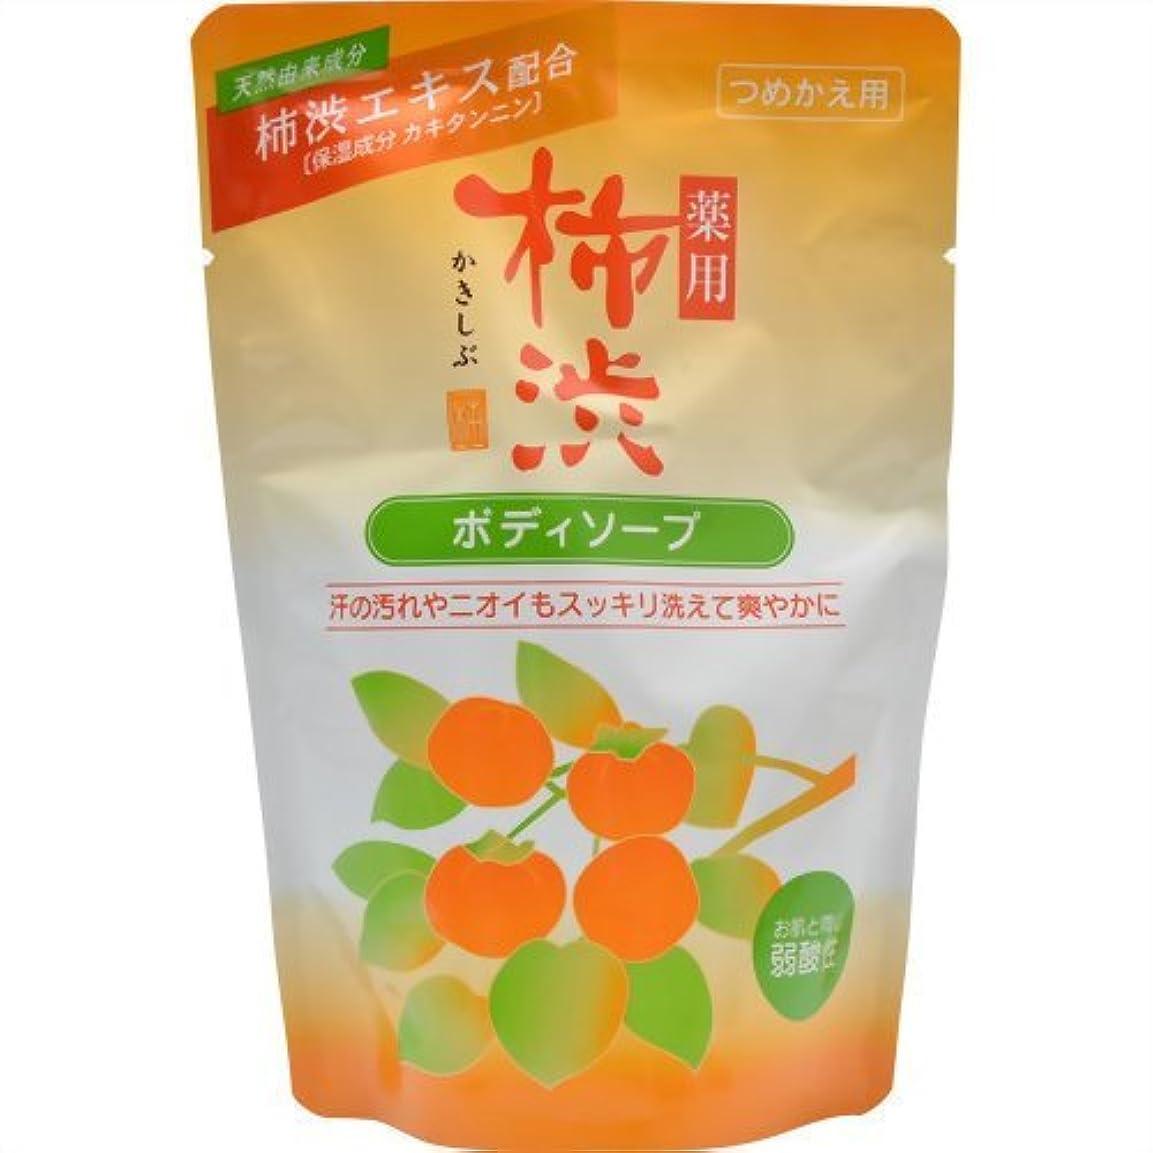 報復宝白菜柿渋 ボディソープ 350ml 詰替え 3個セット